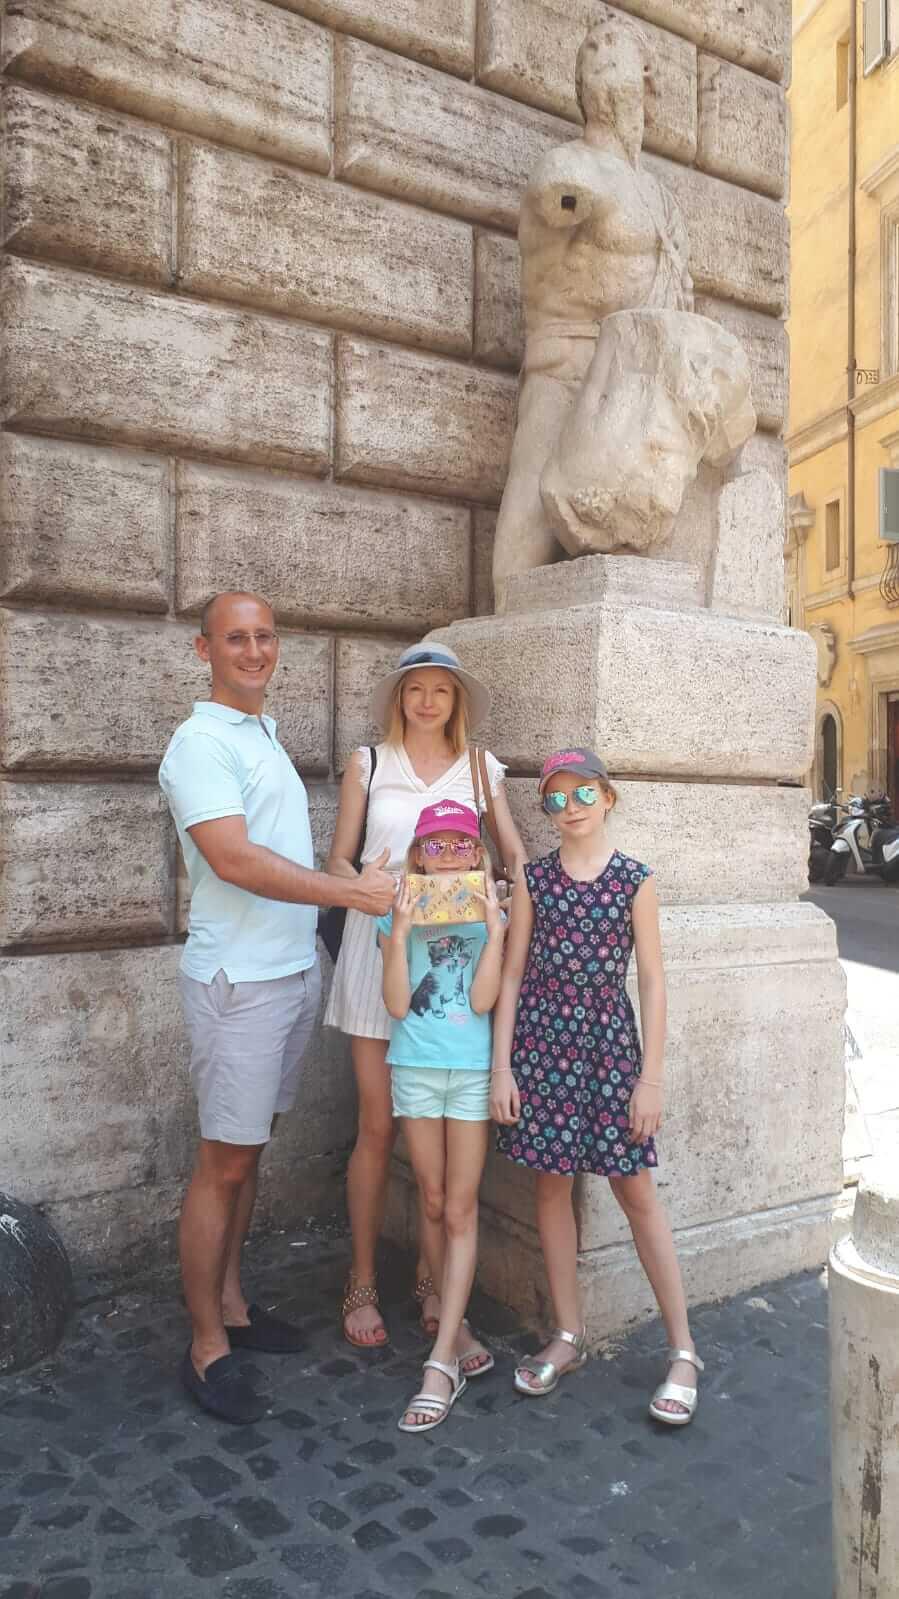 Отзыв на экскурсию-квест в Риме 26.06.2019